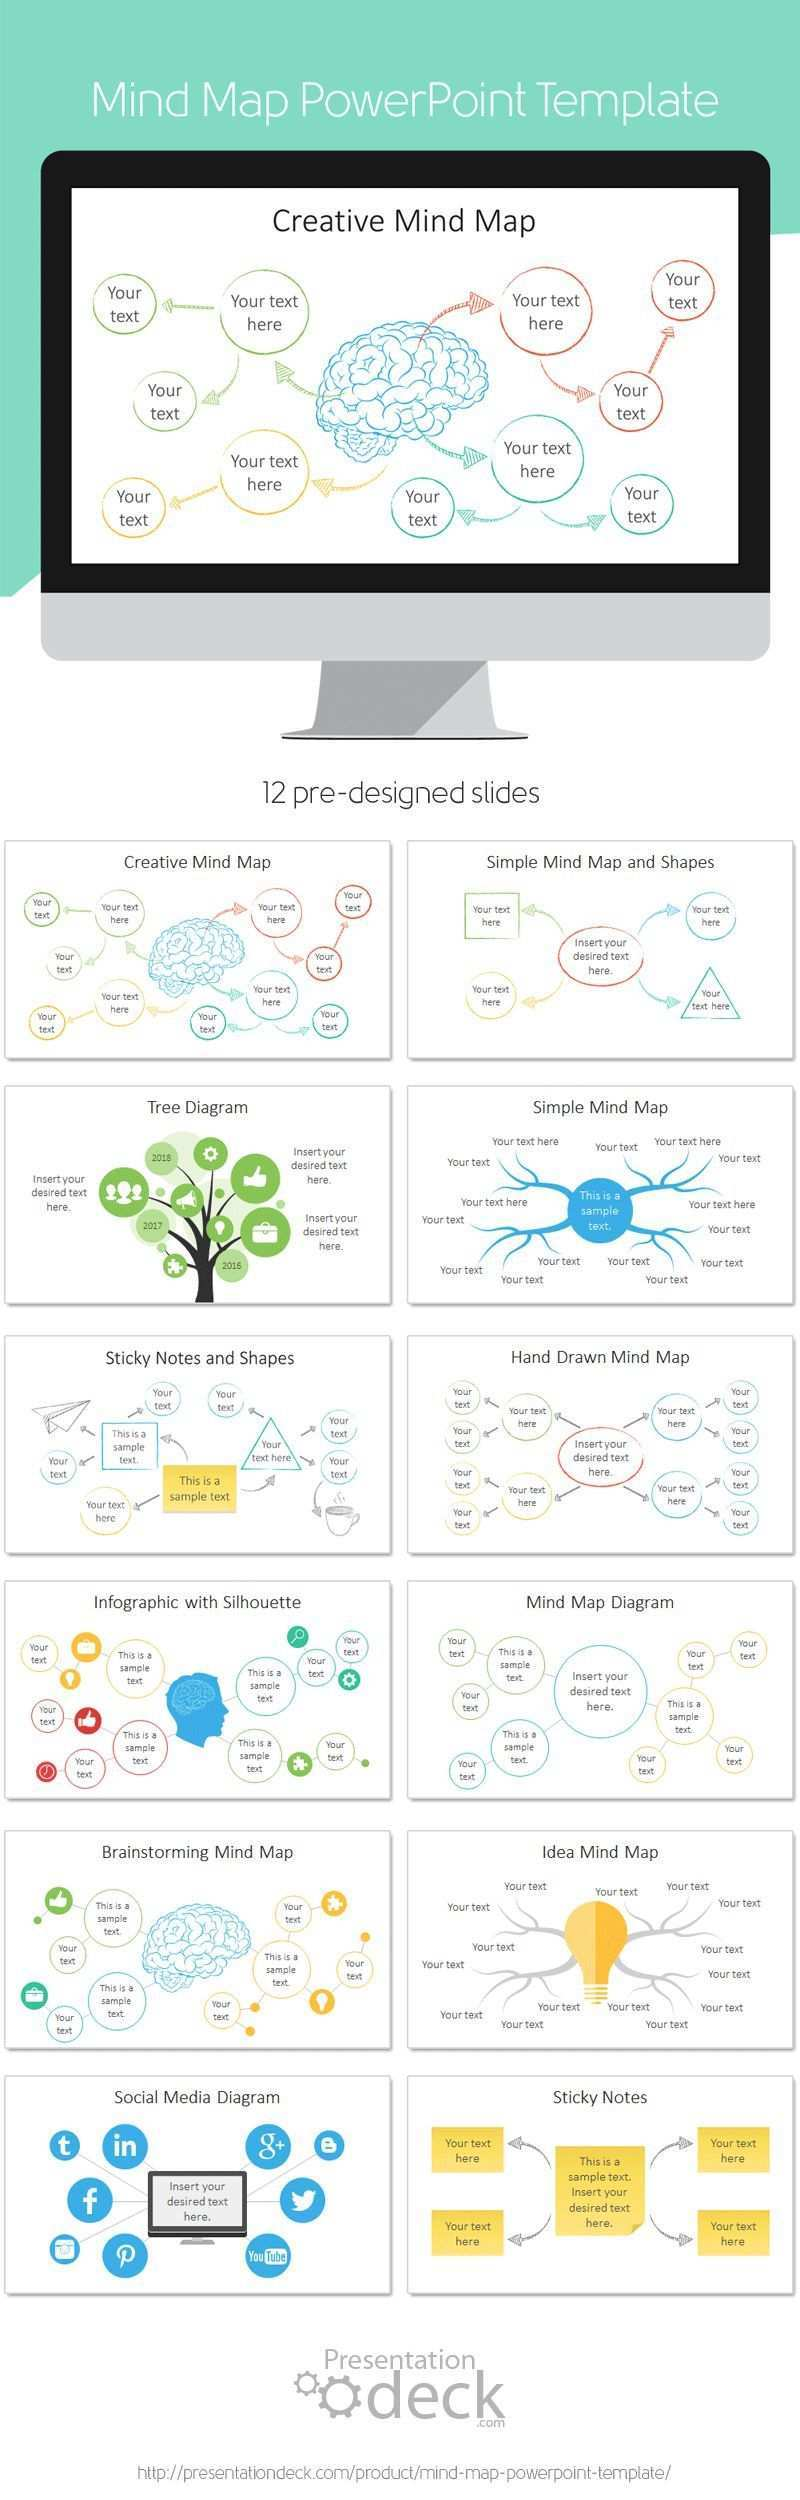 Mindmap Erstellen Um Ordnung In Den Kopf Zu Bekommen Mindmapping Mindmap Kreative Mindmap Powerpoint Vorlagen